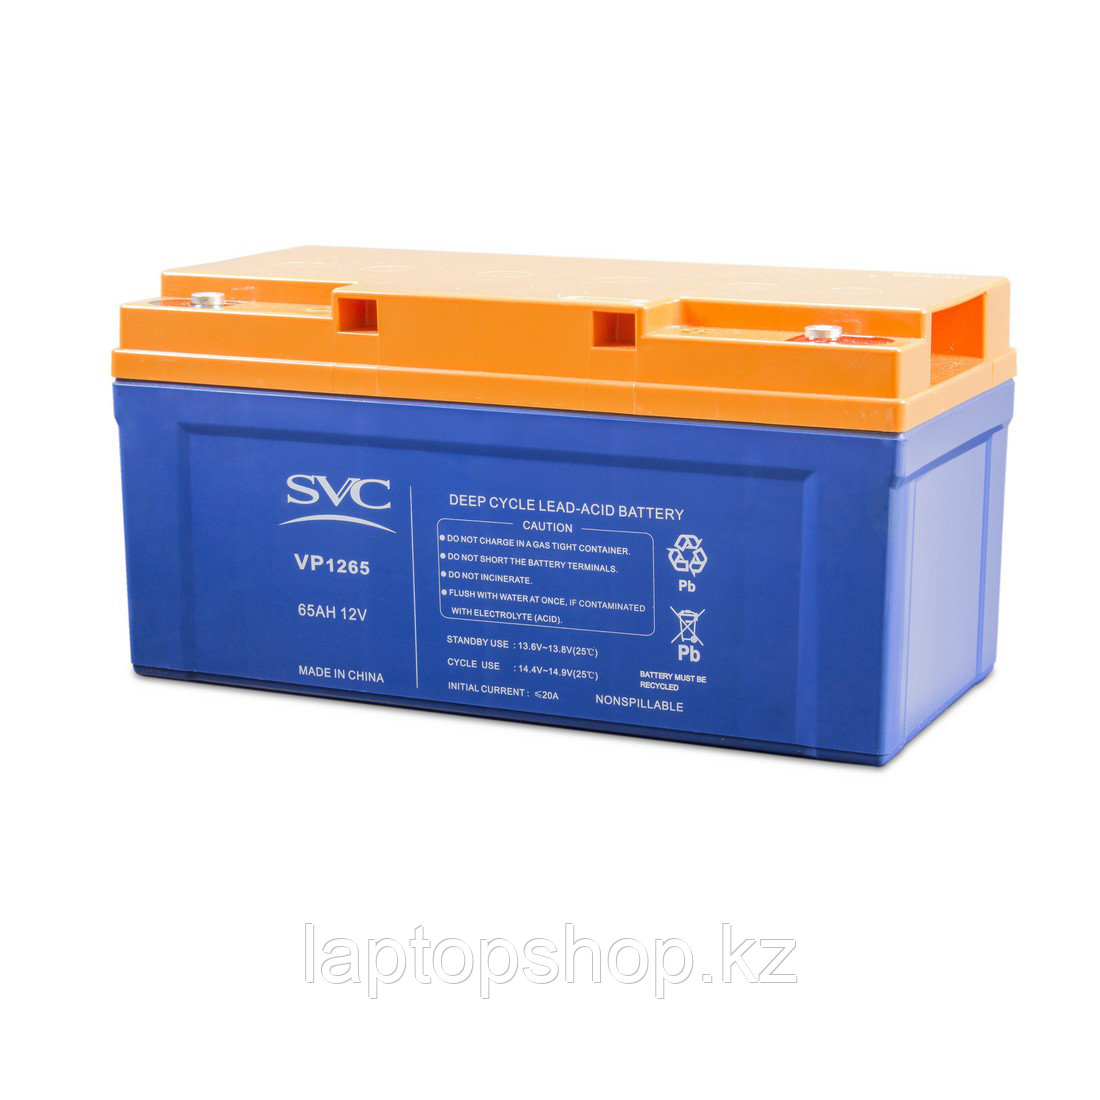 Аккумуляторная батарея SVC VP1265 12В 65 Ач